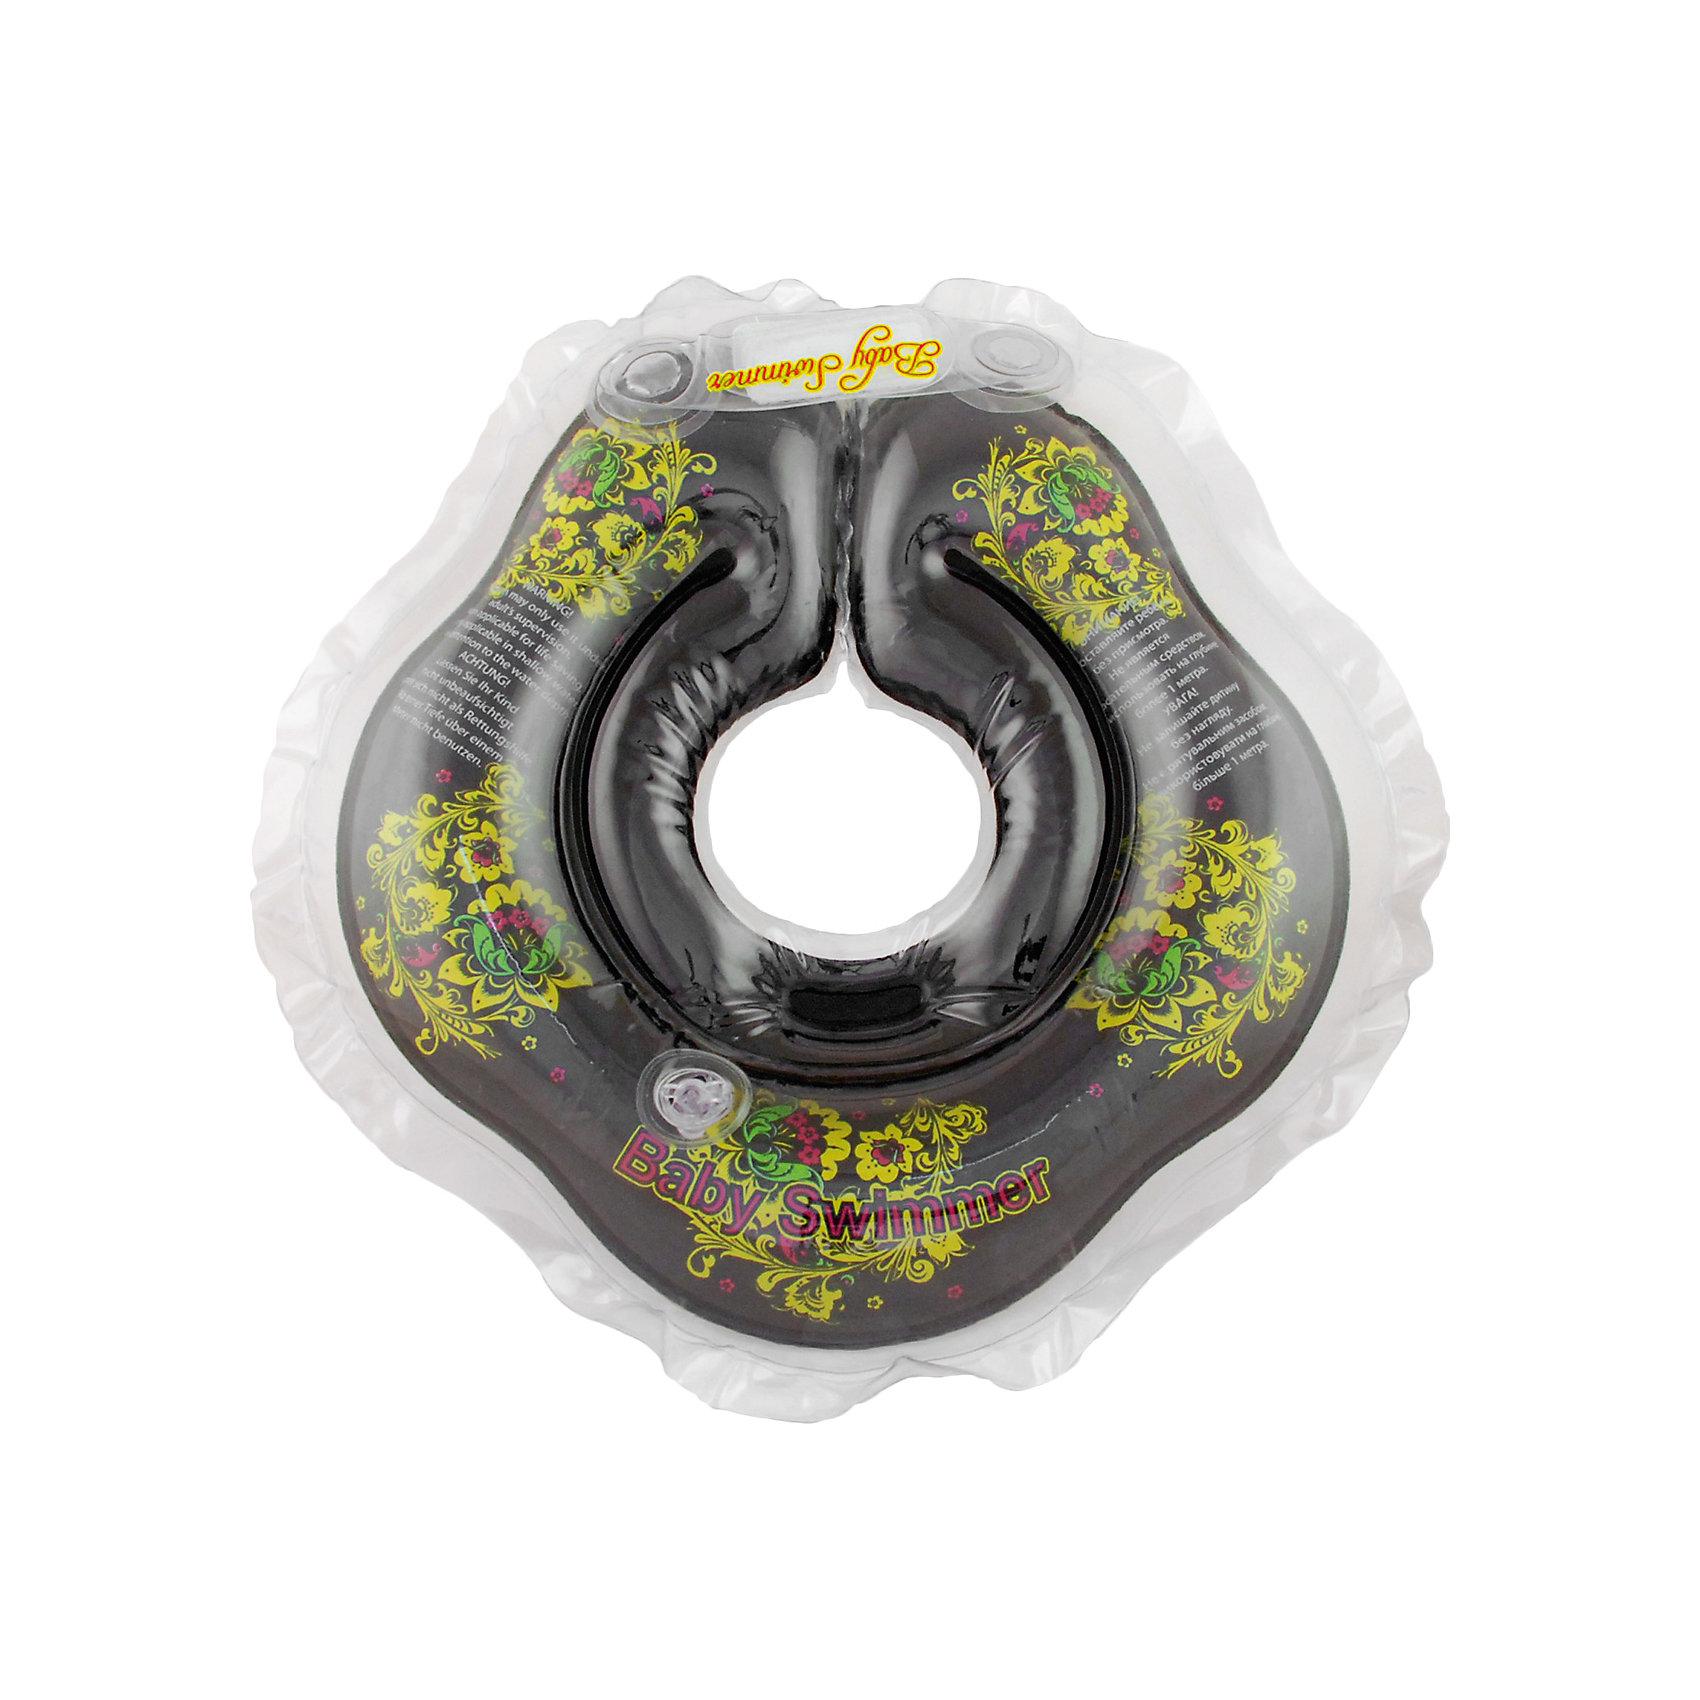 Круг для купания BabySwimmer, черный  - ХохломаКруги для купания малыша<br>Купание младенца - ответственное и важное занятие. Круг для купания Baby Swimmer  с оригинальной расцветкой обеспечит безопасность процесса, избавит малыша от страха воды и сделает водные процедуры веселой игрой. У круга есть устройство, поддерживающее подбородок, что позволит избежать проглатывание воды малышом. У круга яркие цвета, необычный дизайн и веселые картинки по бокам, которые понравится всем детям. Все материалы, использованные при разработке и изготовлении круга для купания безопасны для использования, отвечают всем требованиям экологичности и качества детских товаров, а так же гипоаллергенны.<br><br>Дополнительная информация:<br><br>модель: Baby Swimmer;<br>цвет: черный - Хохлома.<br><br>Круг для купания Baby Swimmer можно приобрести в нашем магазине.<br><br>Ширина мм: 150<br>Глубина мм: 40<br>Высота мм: 150<br>Вес г: 160<br>Возраст от месяцев: 0<br>Возраст до месяцев: 24<br>Пол: Унисекс<br>Возраст: Детский<br>SKU: 4968105